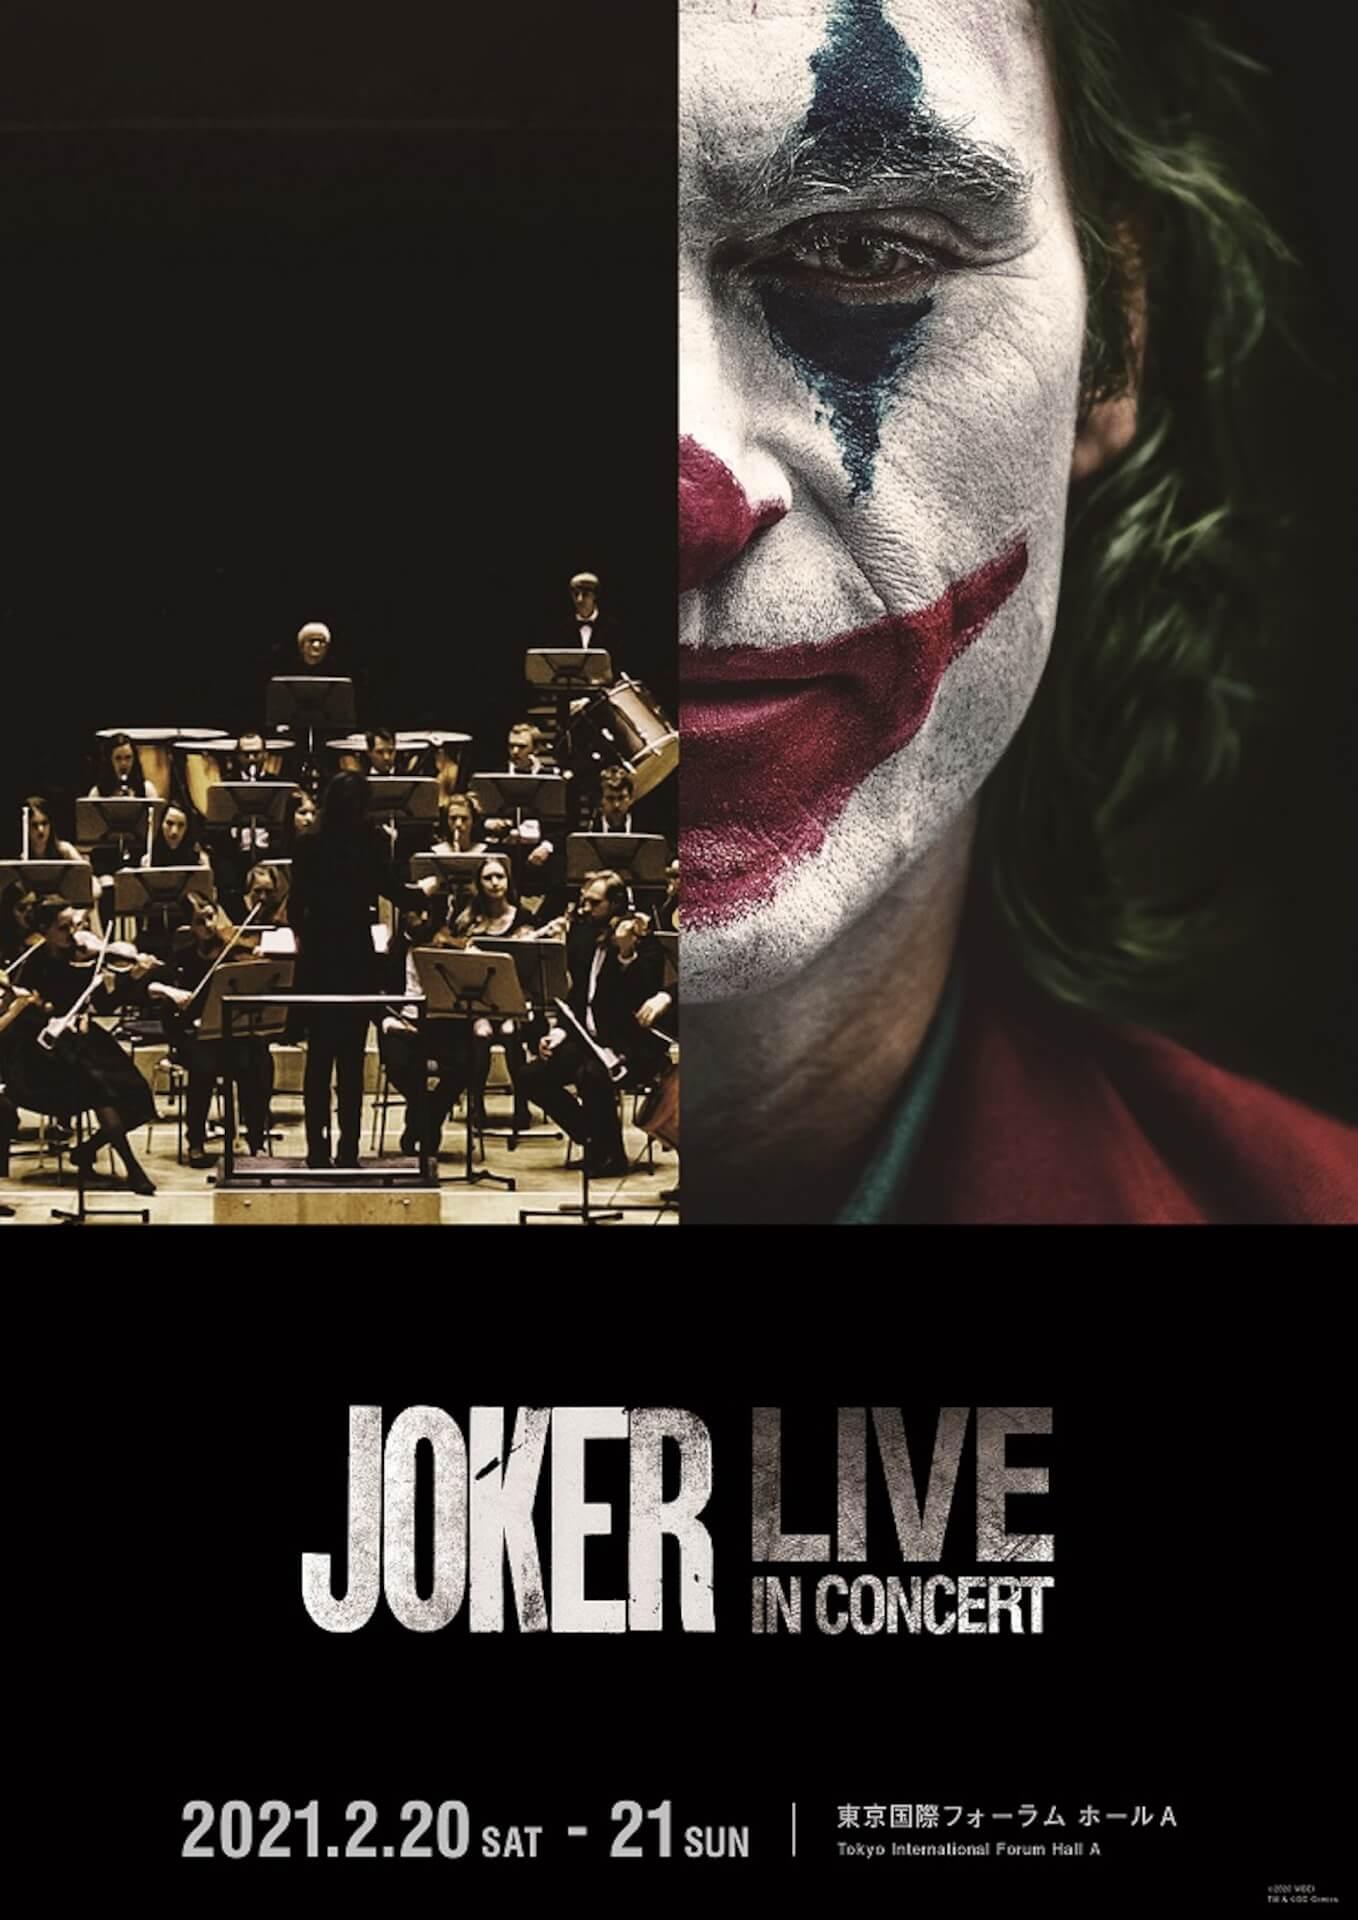 『ジョーカー』のフィルムコンサート『JOKER LIVE IN CONCERT』の新ビジュアル&トレーラーが解禁!神戸公演詳細も film201130_joker_main